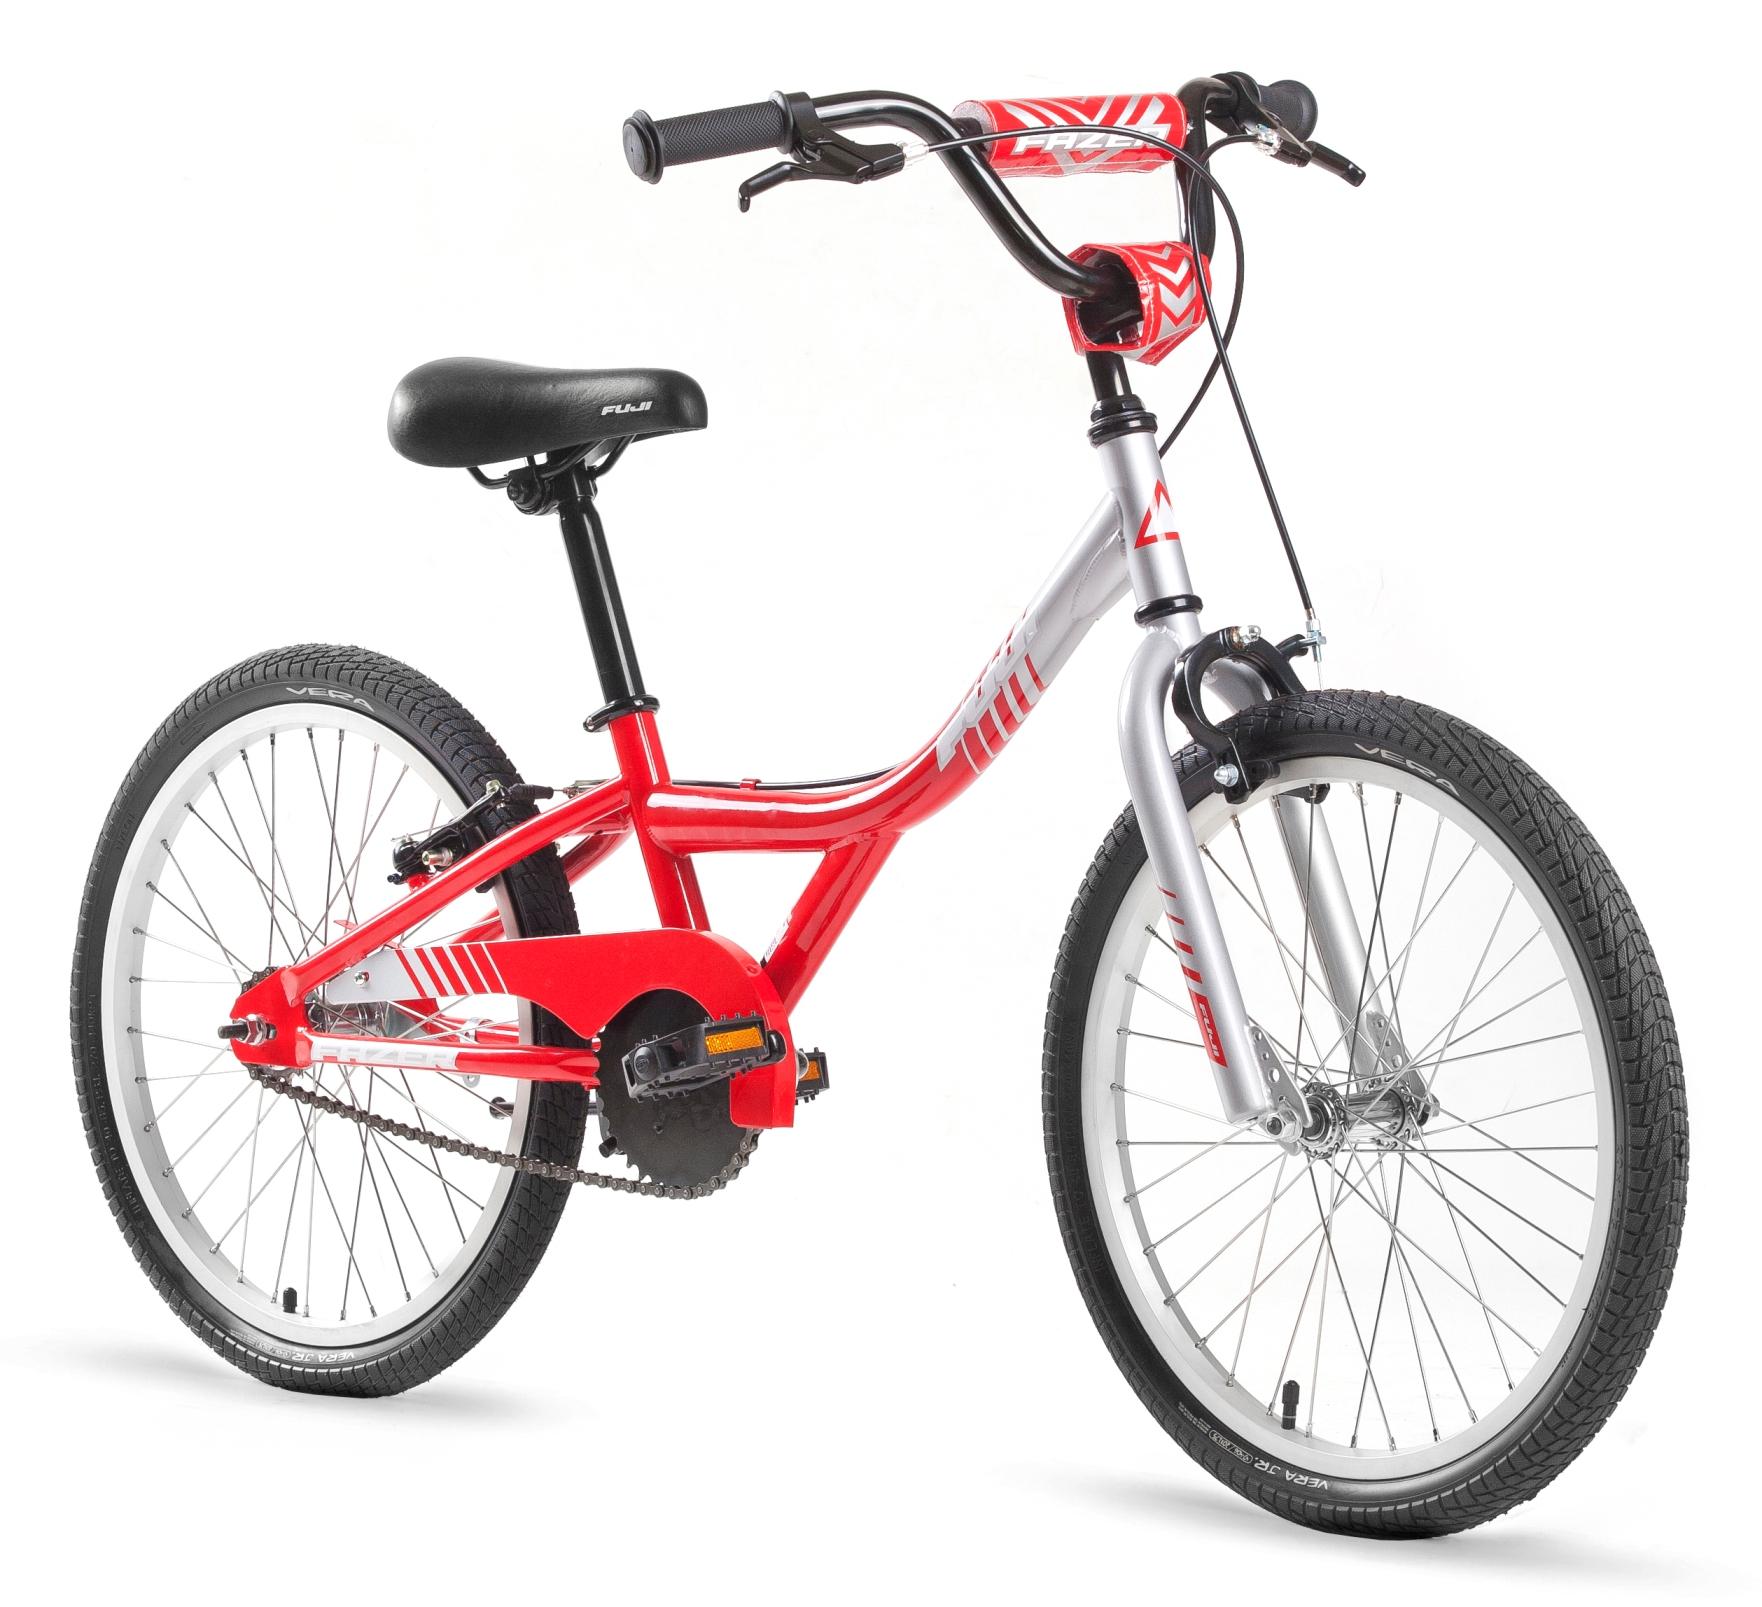 Kada je najbolje vrijeme da dijete nauči voziti bicikl? - Rog Joma d.o.o.